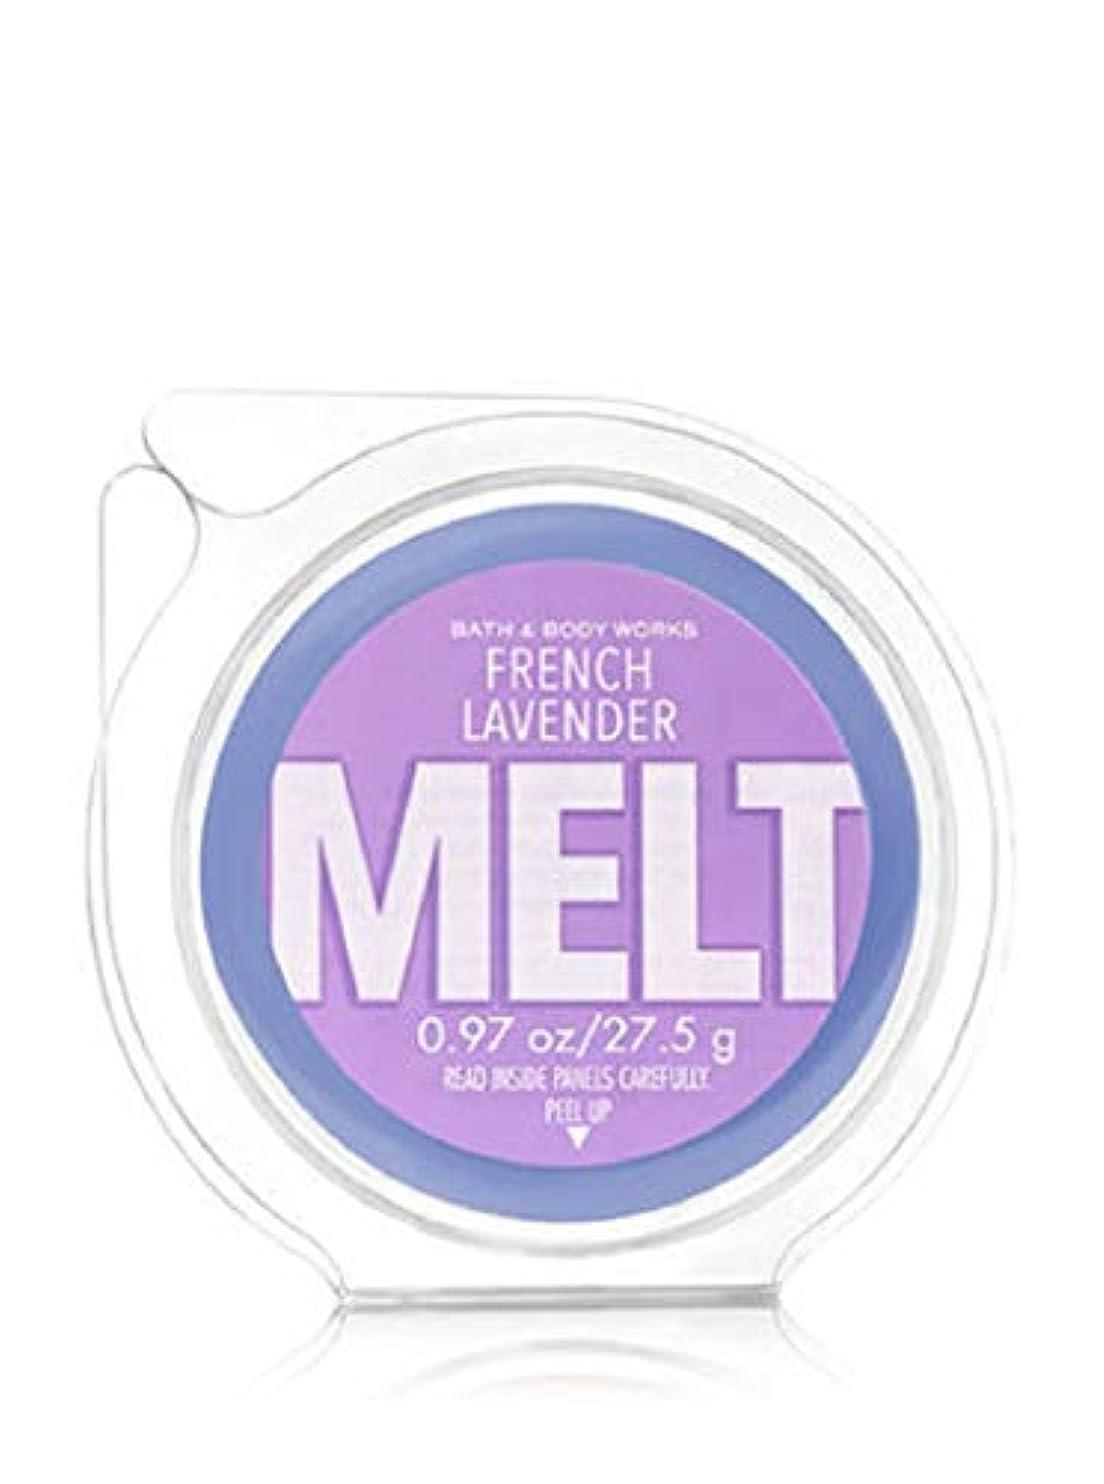 電子ブロックする評価可能【Bath&Body Works/バス&ボディワークス】 フレグランスメルト タルト ワックスポプリ フレンチラベンダー Wax Fragrance Melt French Lavender 0.97oz / 27.5g